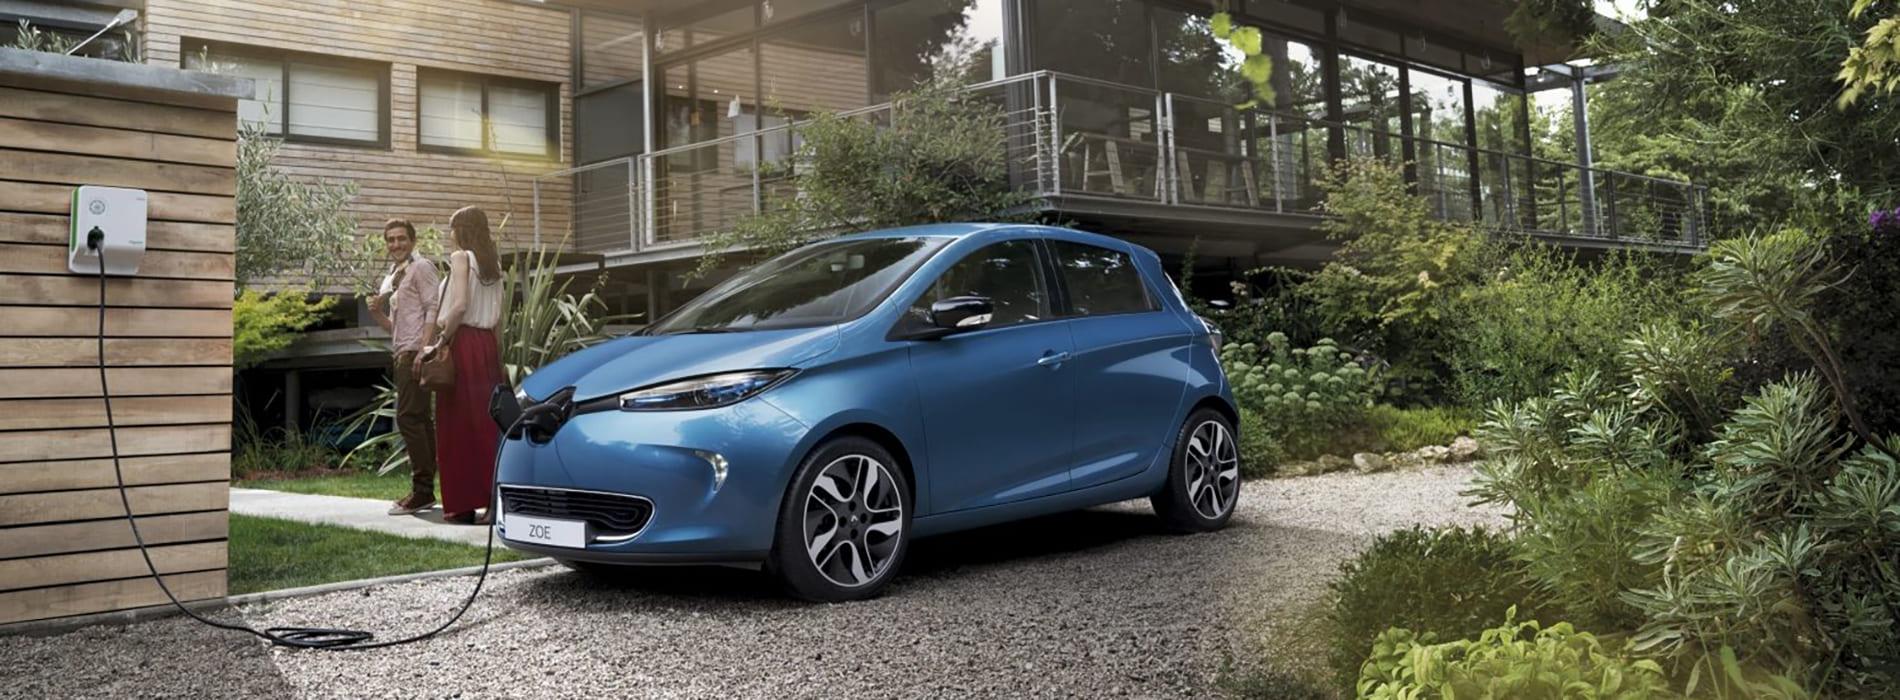 Meglio l'auto elettrica o l'auto ibrida?